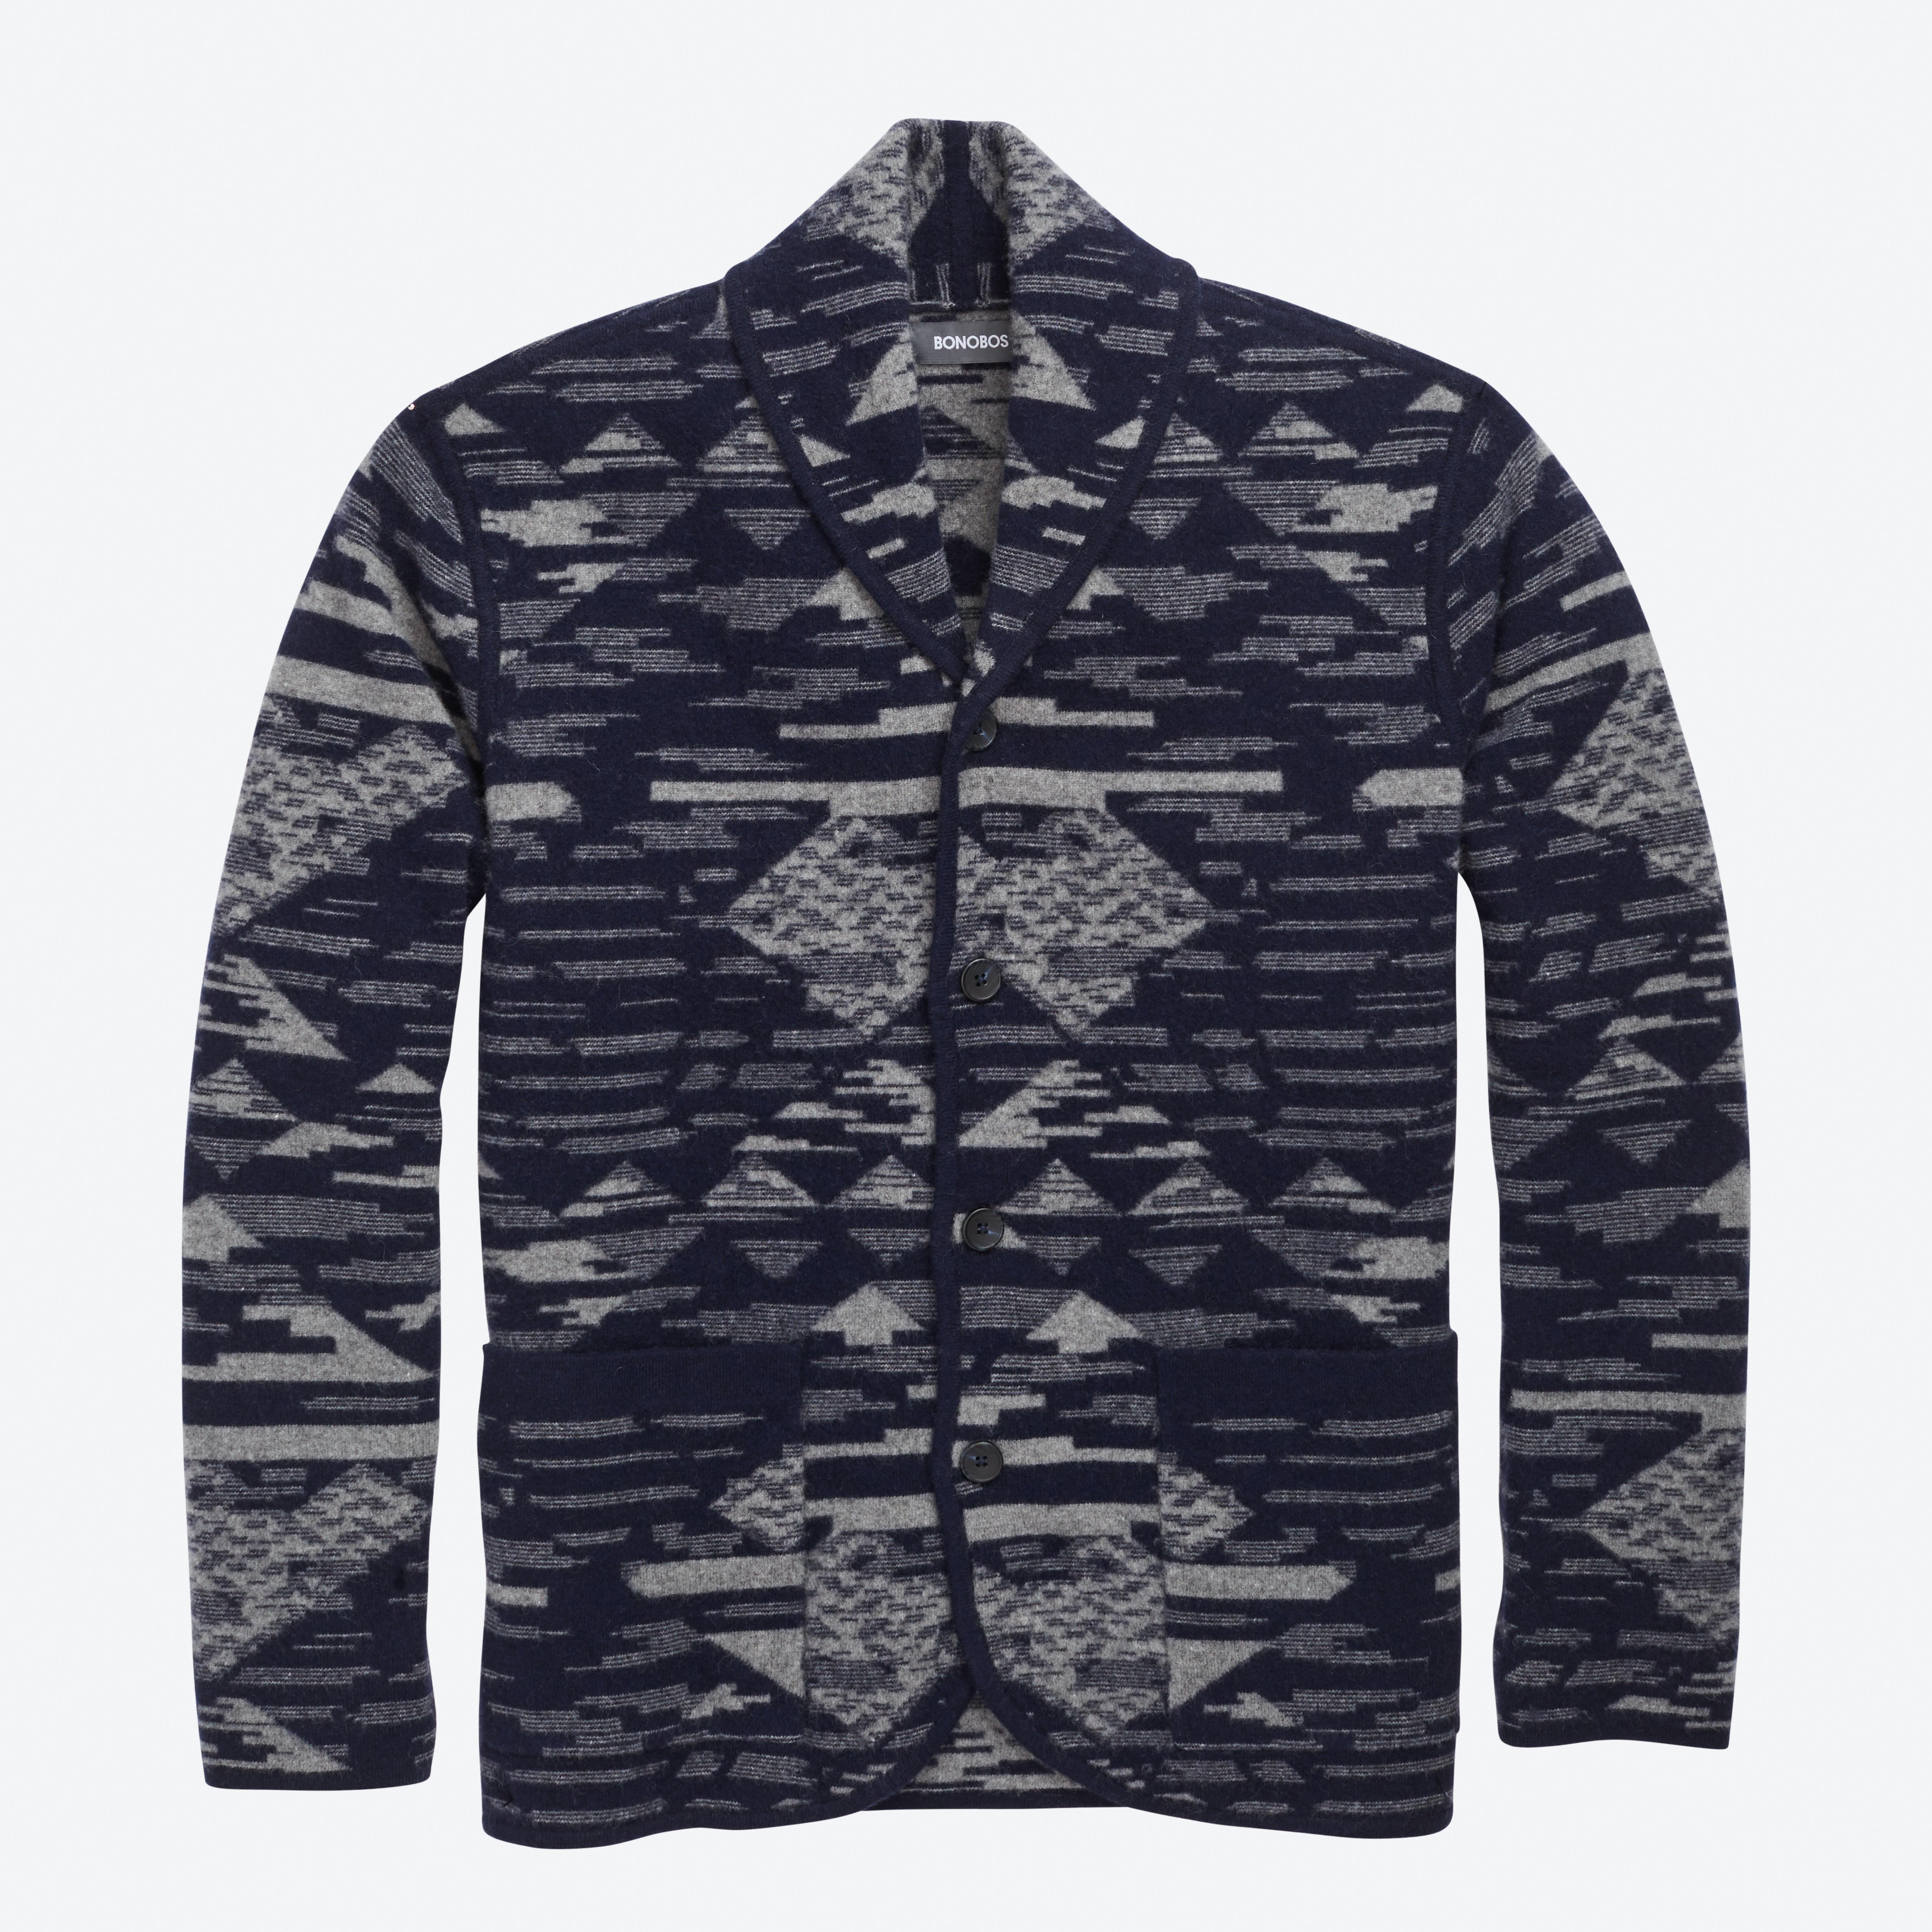 Felted Wool Shawl Sweater Cardigan